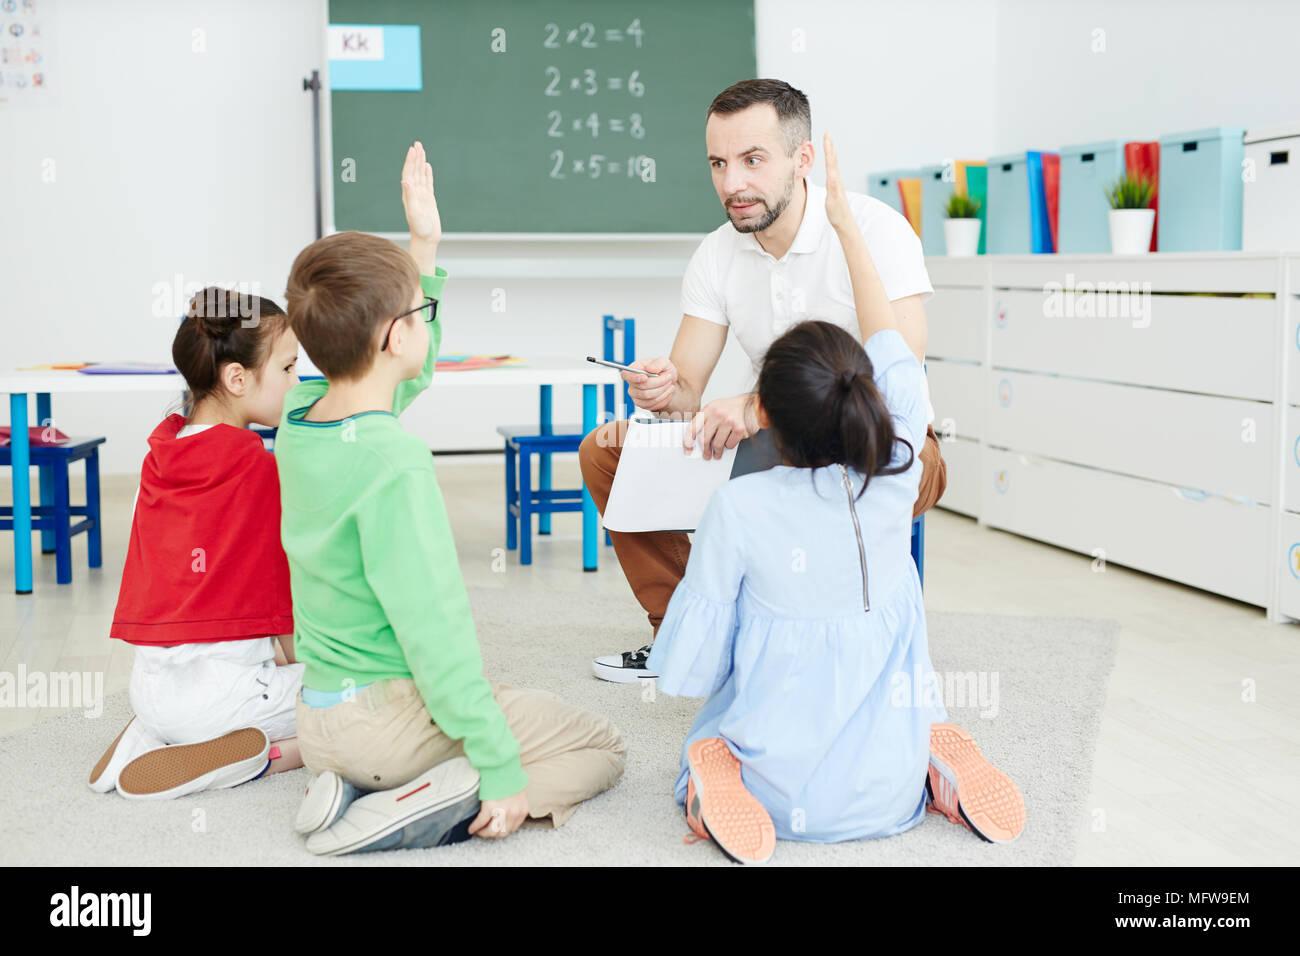 Los estudiantes de la escuela primaria levantando las manos y contestando preguntas mientras está sentado en el piso y tener actividades de matemáticas con el profesor macho Imagen De Stock